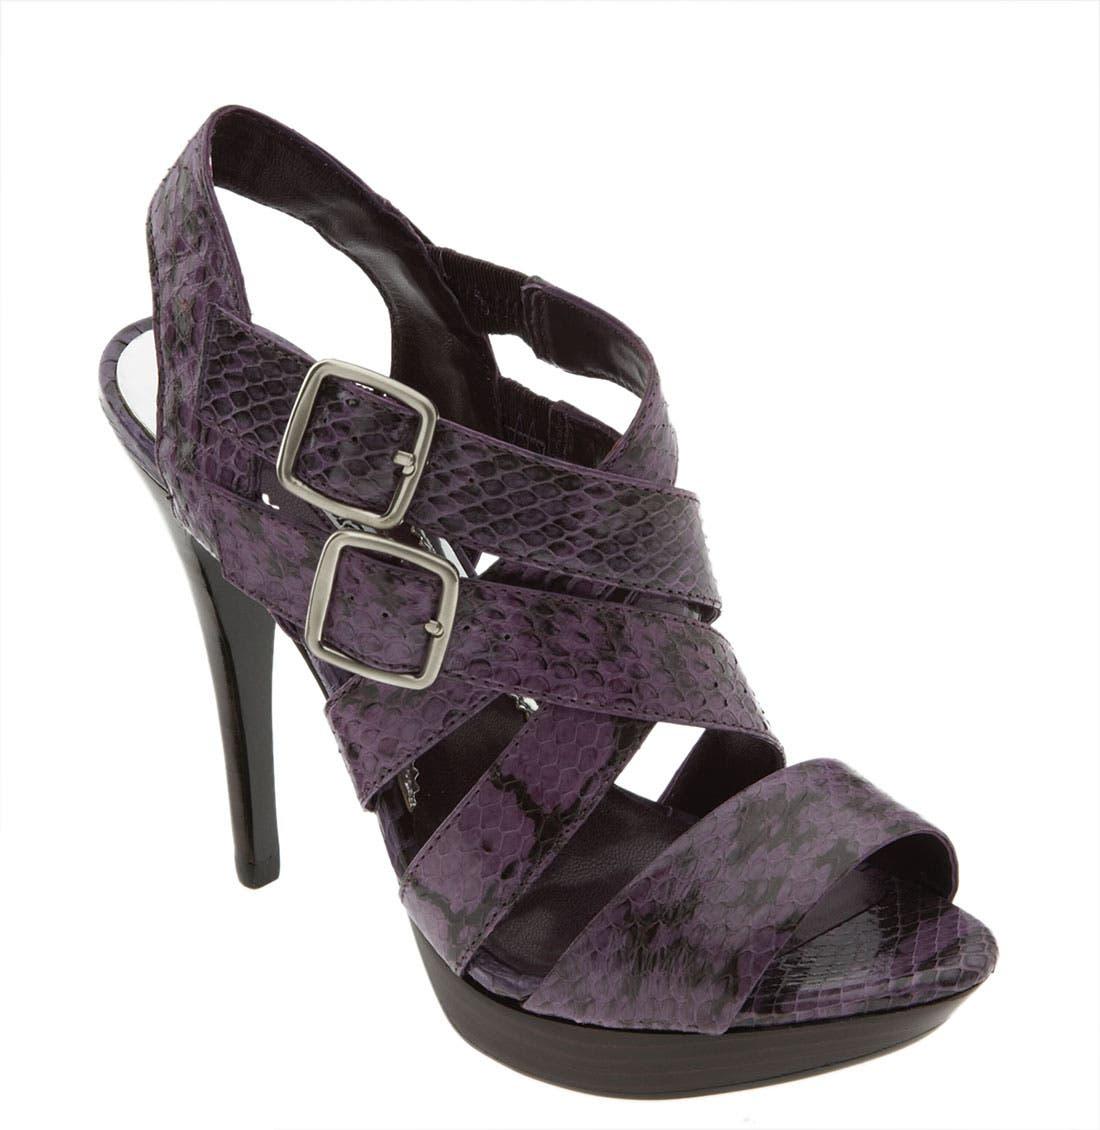 Alternate Image 1 Selected - Charles David 'Zip' Sandal